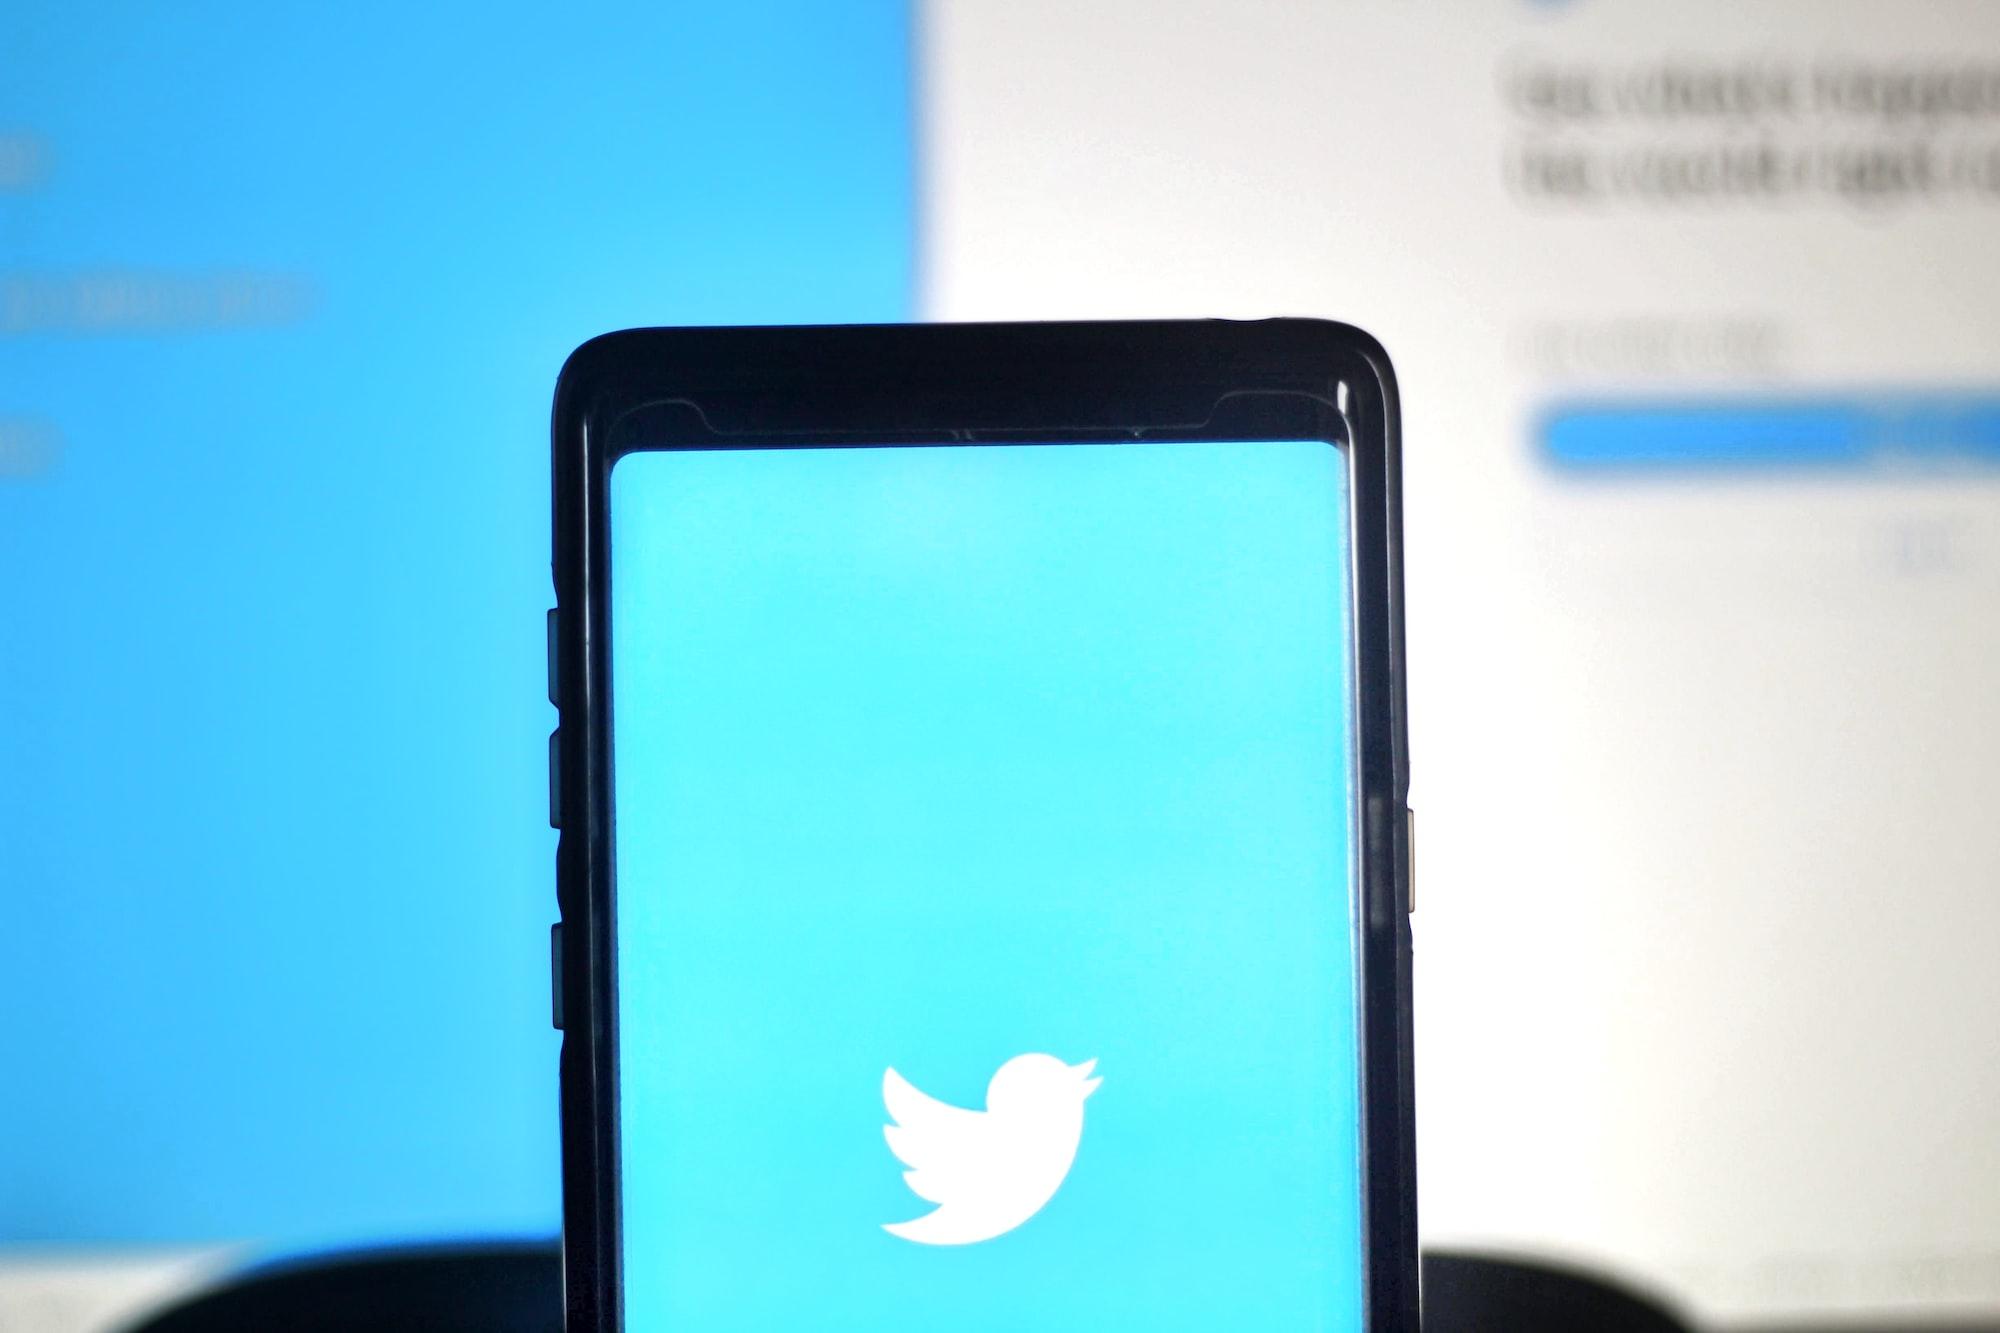 เหตุใดอนาคตของ Twitter จึงอยู่ในกำมือของ Blockchain